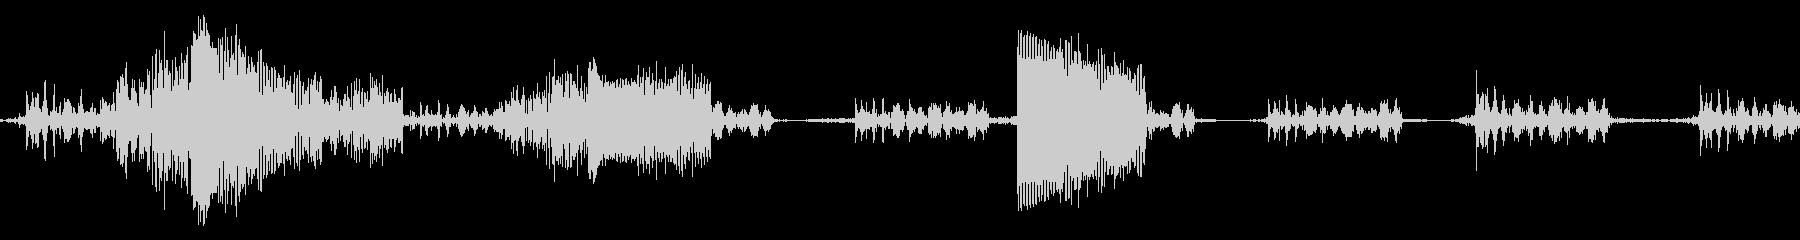 ビープ音13の未再生の波形